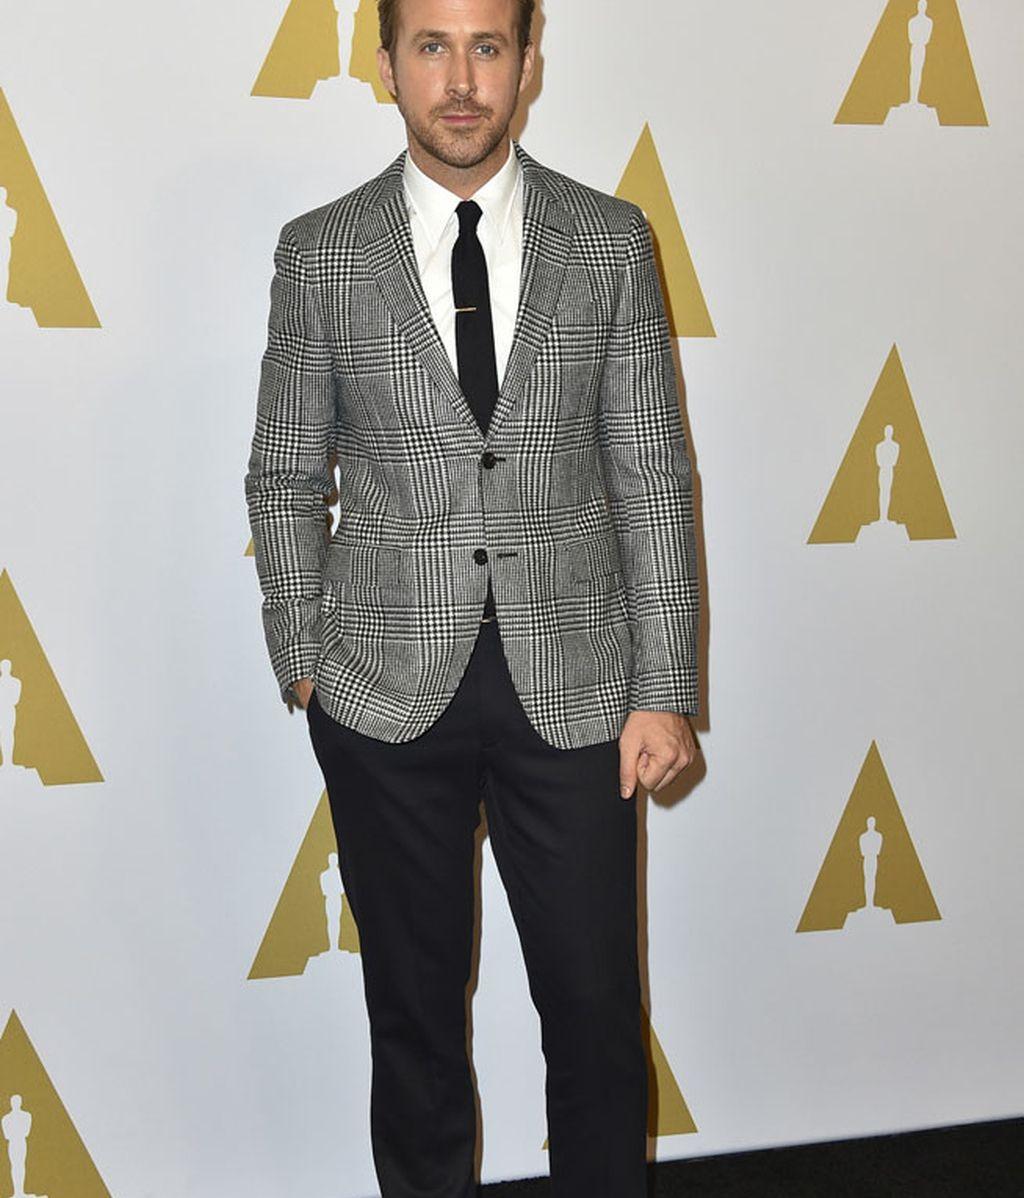 Ryan Gosling versión 'gentleman': chaqueta de rayas y corbata